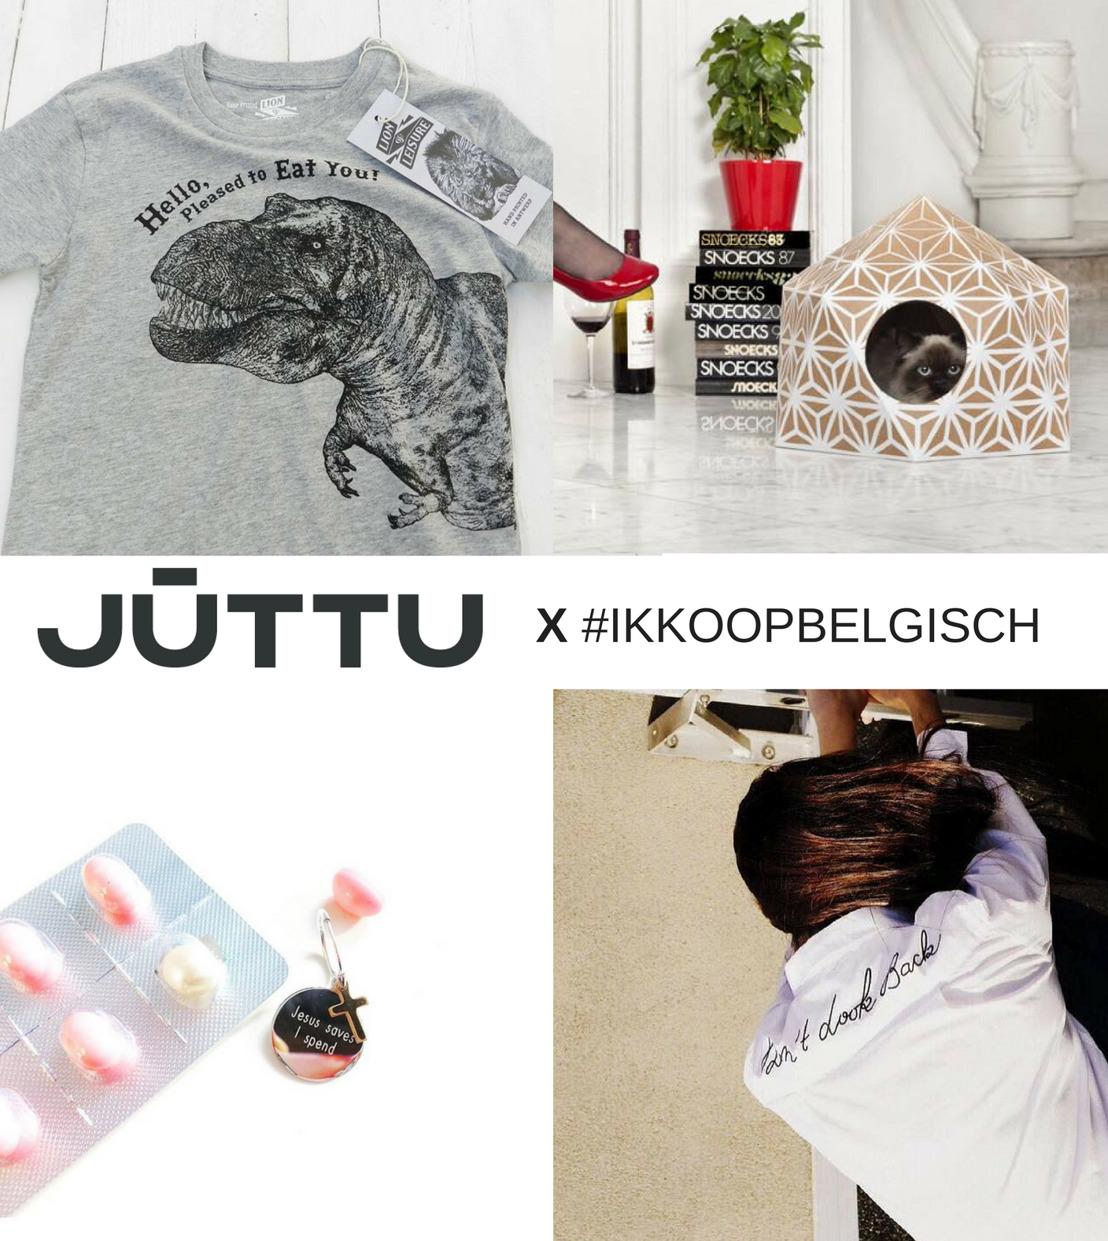 persbericht: Nieuwe editie #ikkoopbelgisch pop-up space bij concept store JUTTU